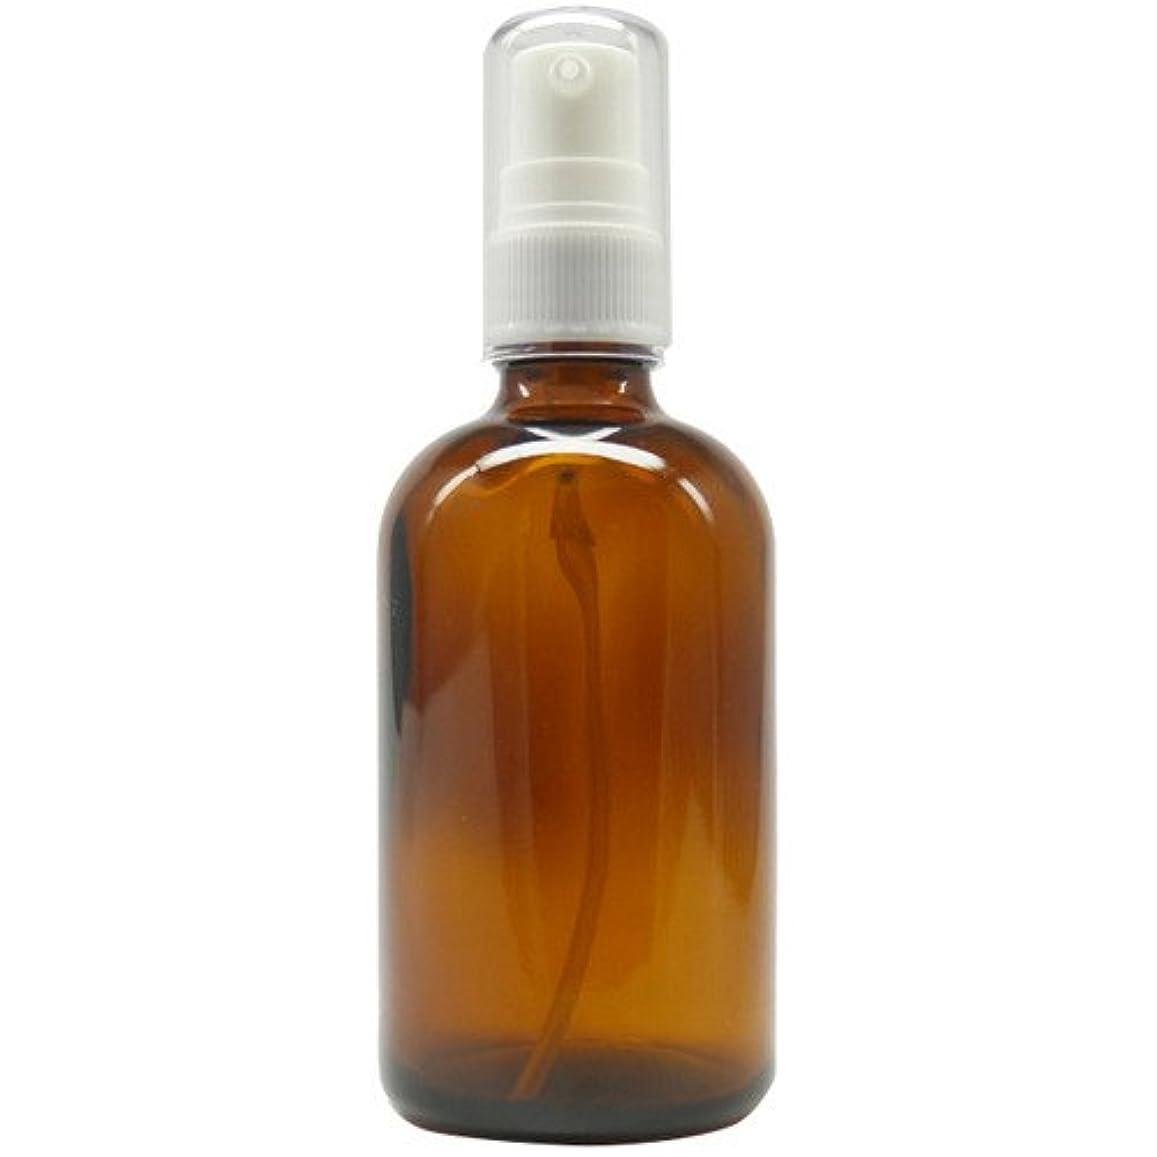 間違いなくずるい通知アロマアンドライフ (D)茶褐色ポンプ瓶100ml 3本セット